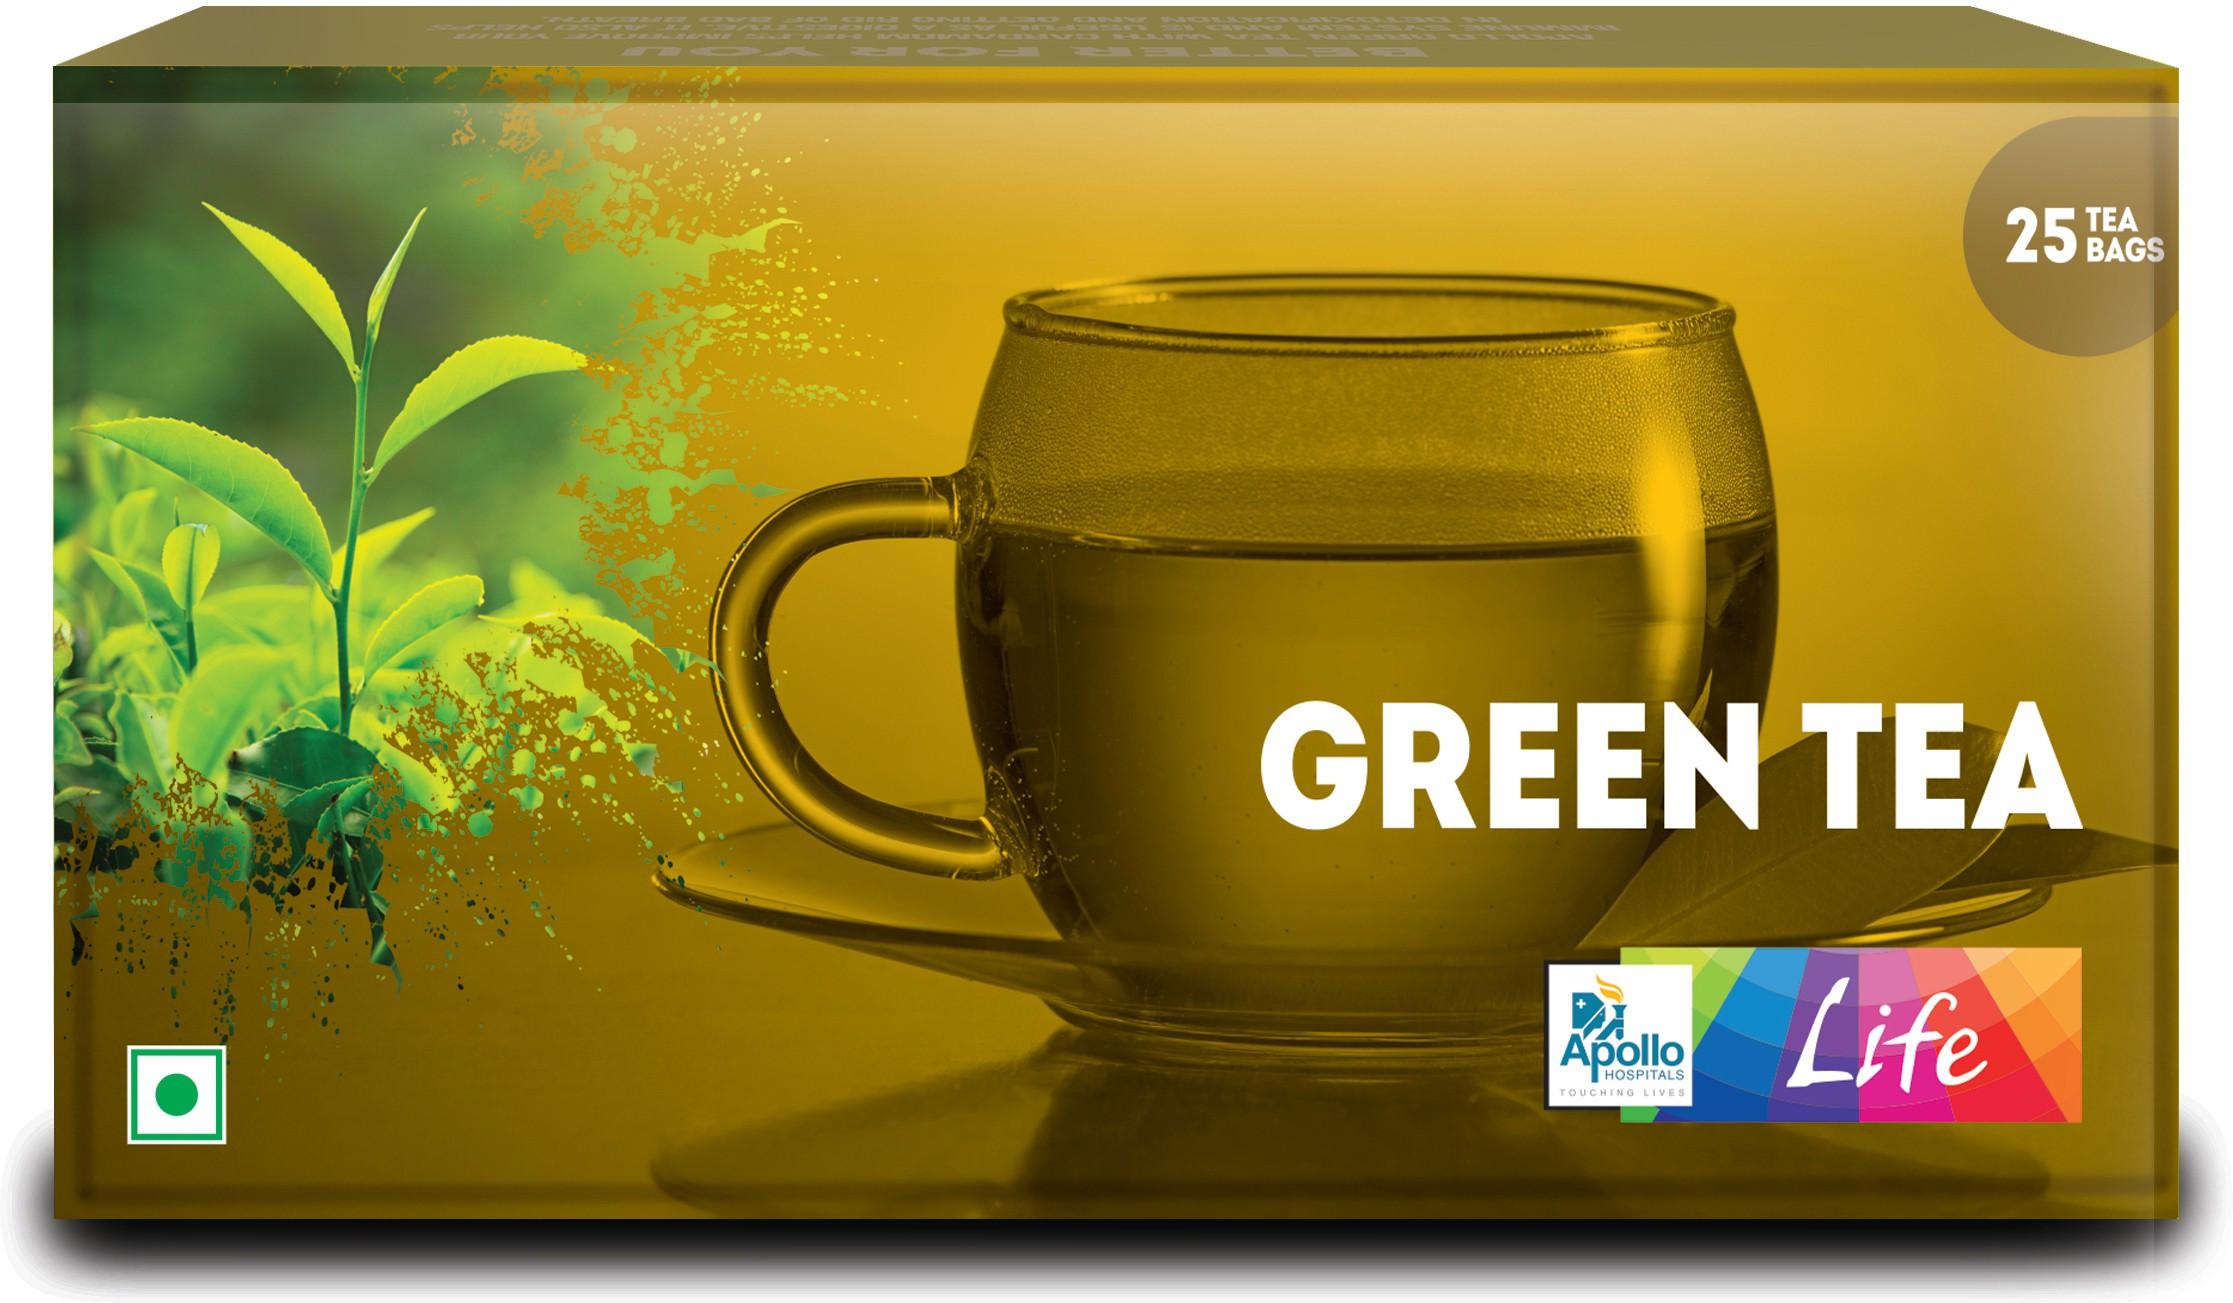 Apollo Pharmacy LIfe Green Tea